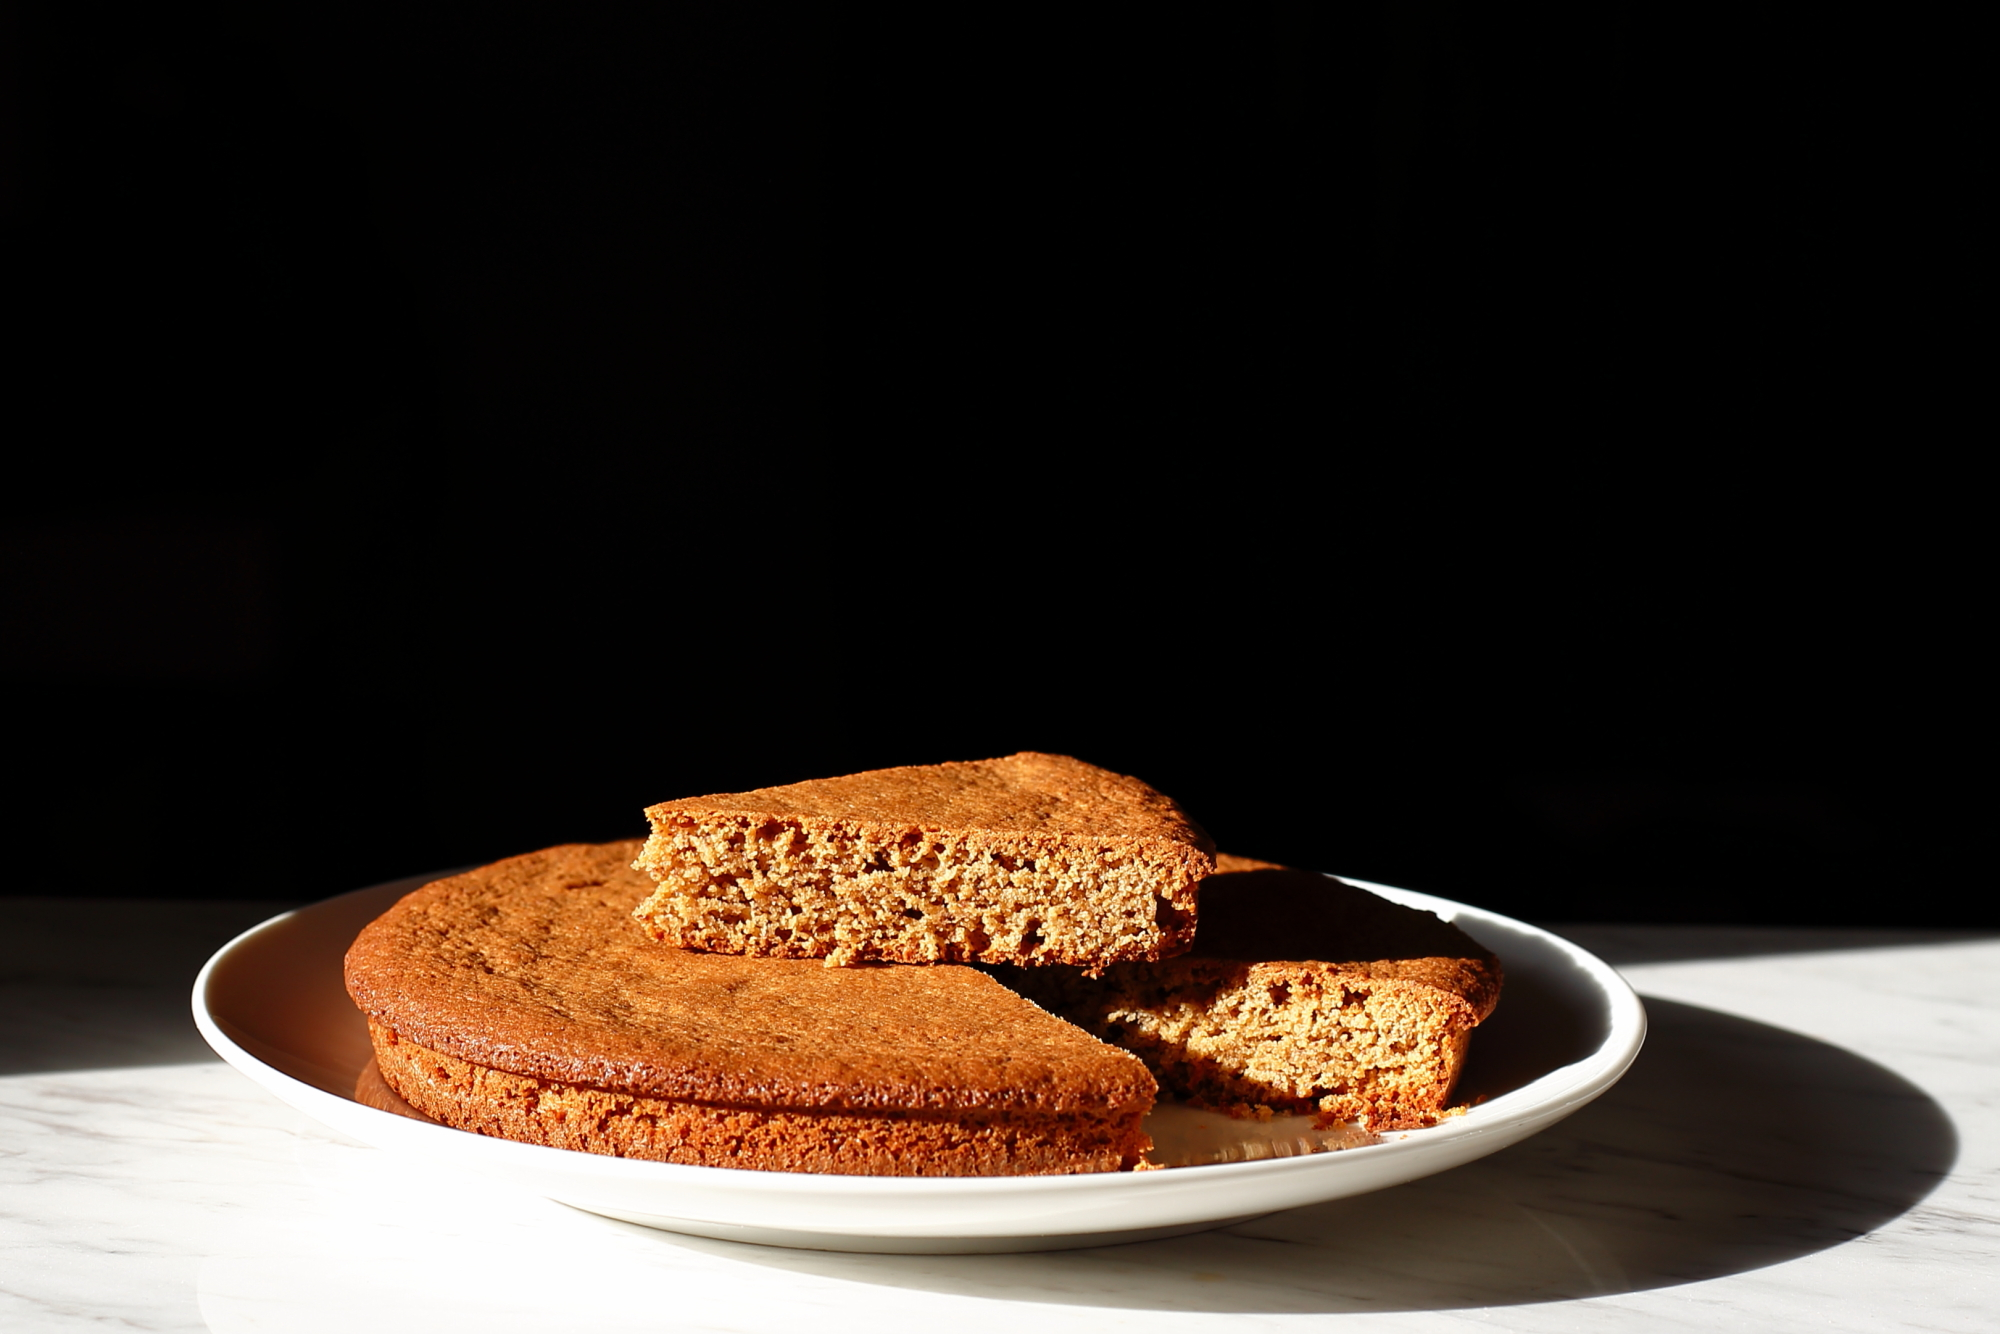 Torta di nocciole - ciasto z orzechów laskowych